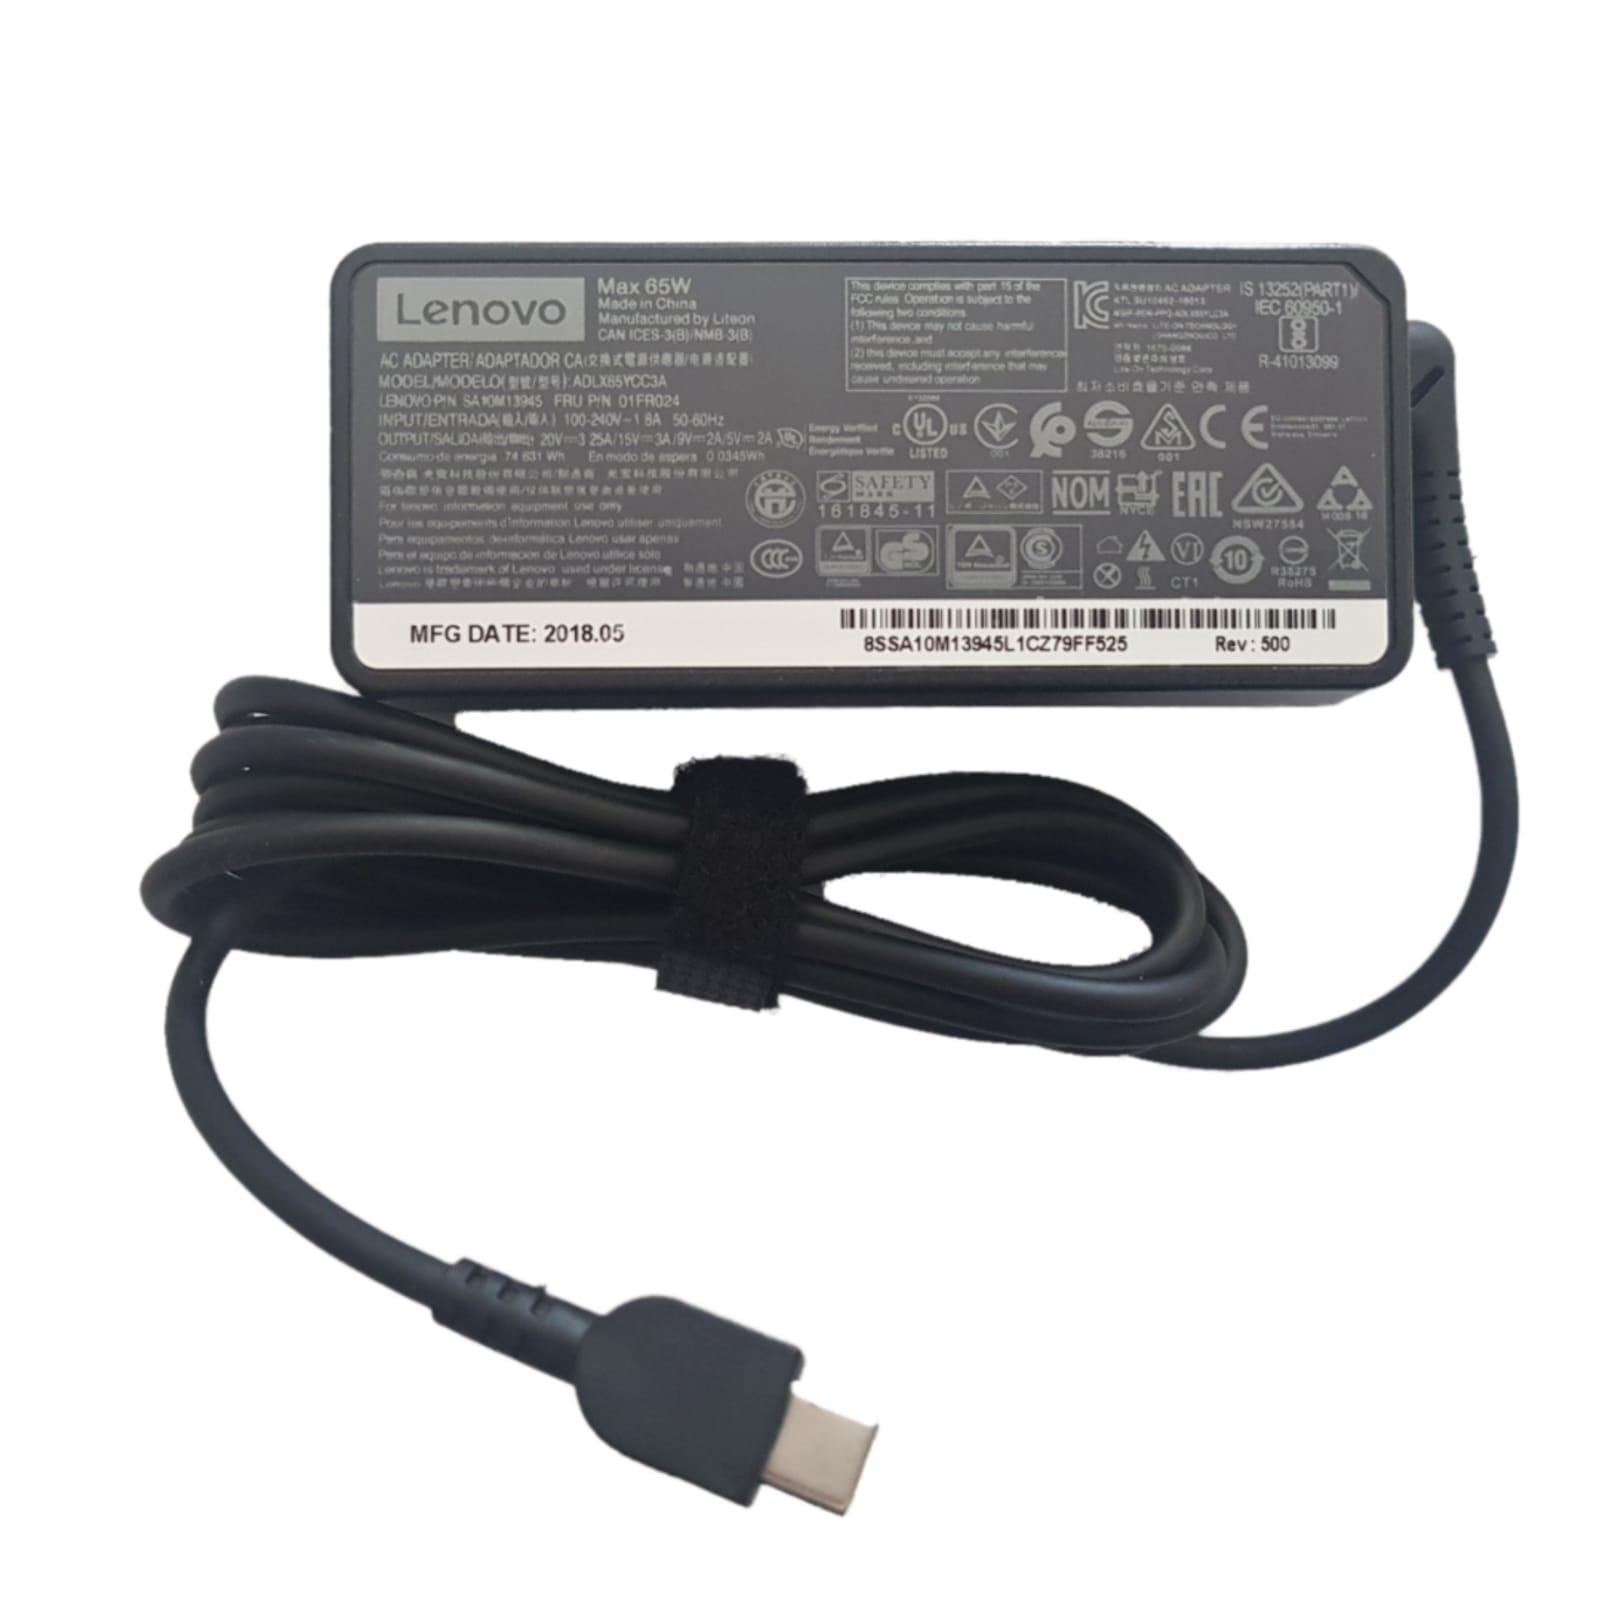 מטען למחשב נייד לנובו Lenovo ThinkPad L590